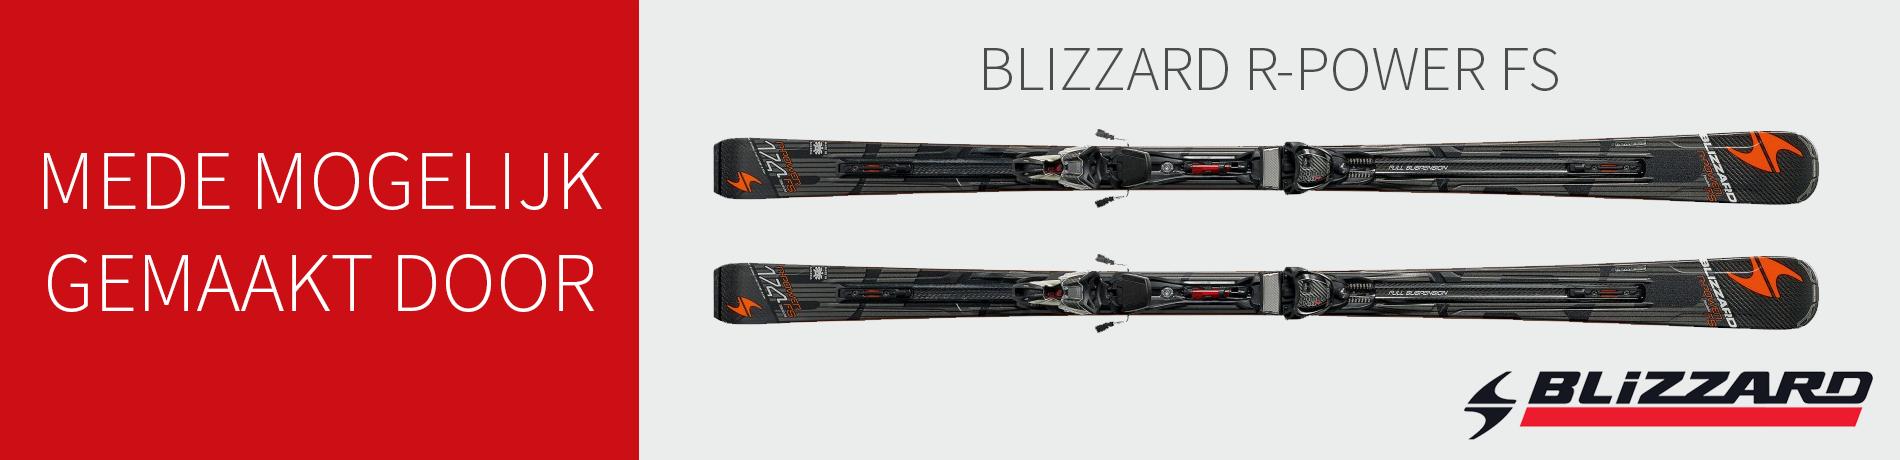 Blizzard advertentie